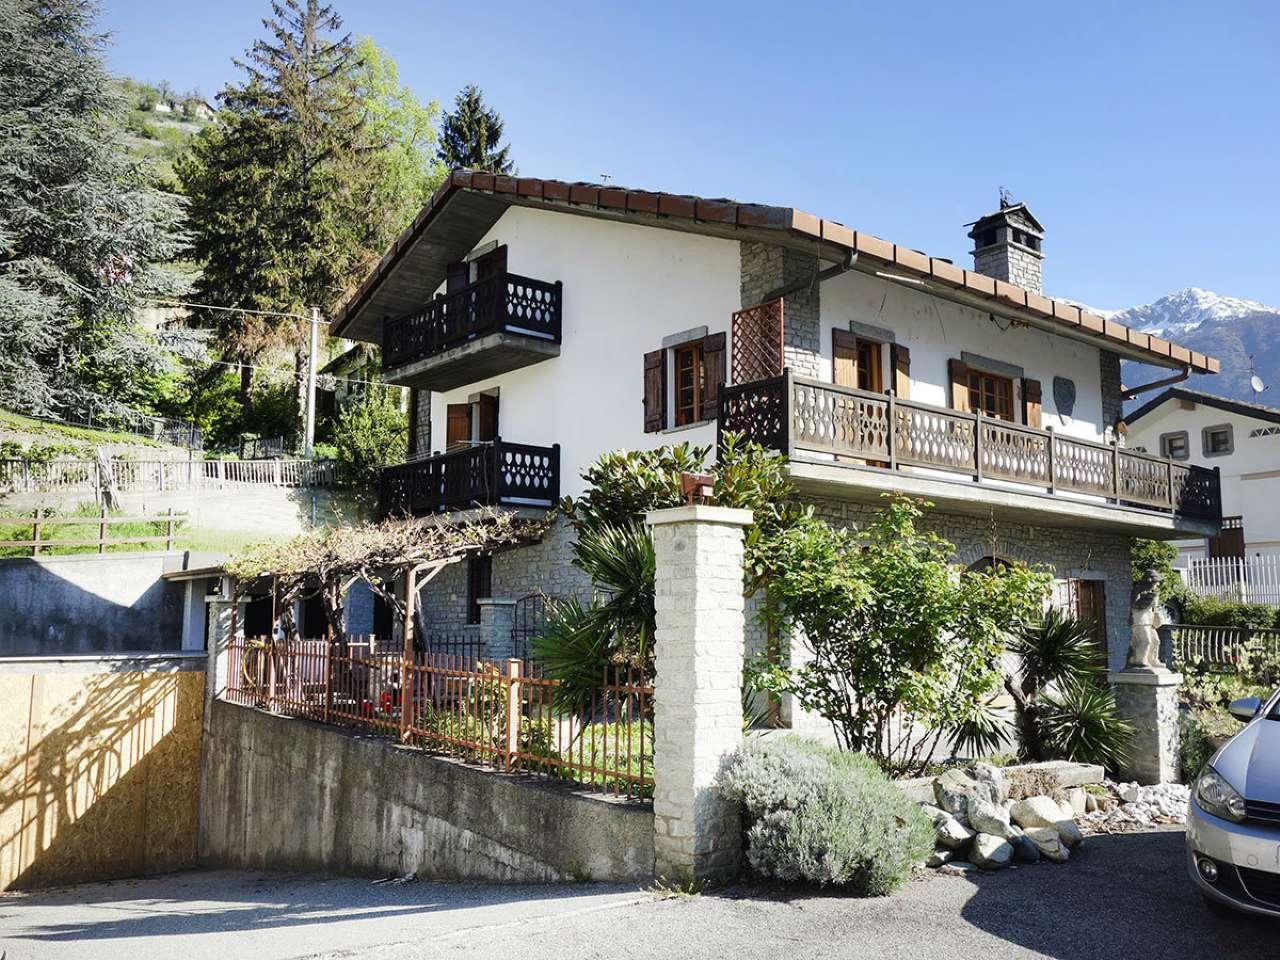 Villa in vendita a Aosta, 8 locali, prezzo € 650.000 | CambioCasa.it